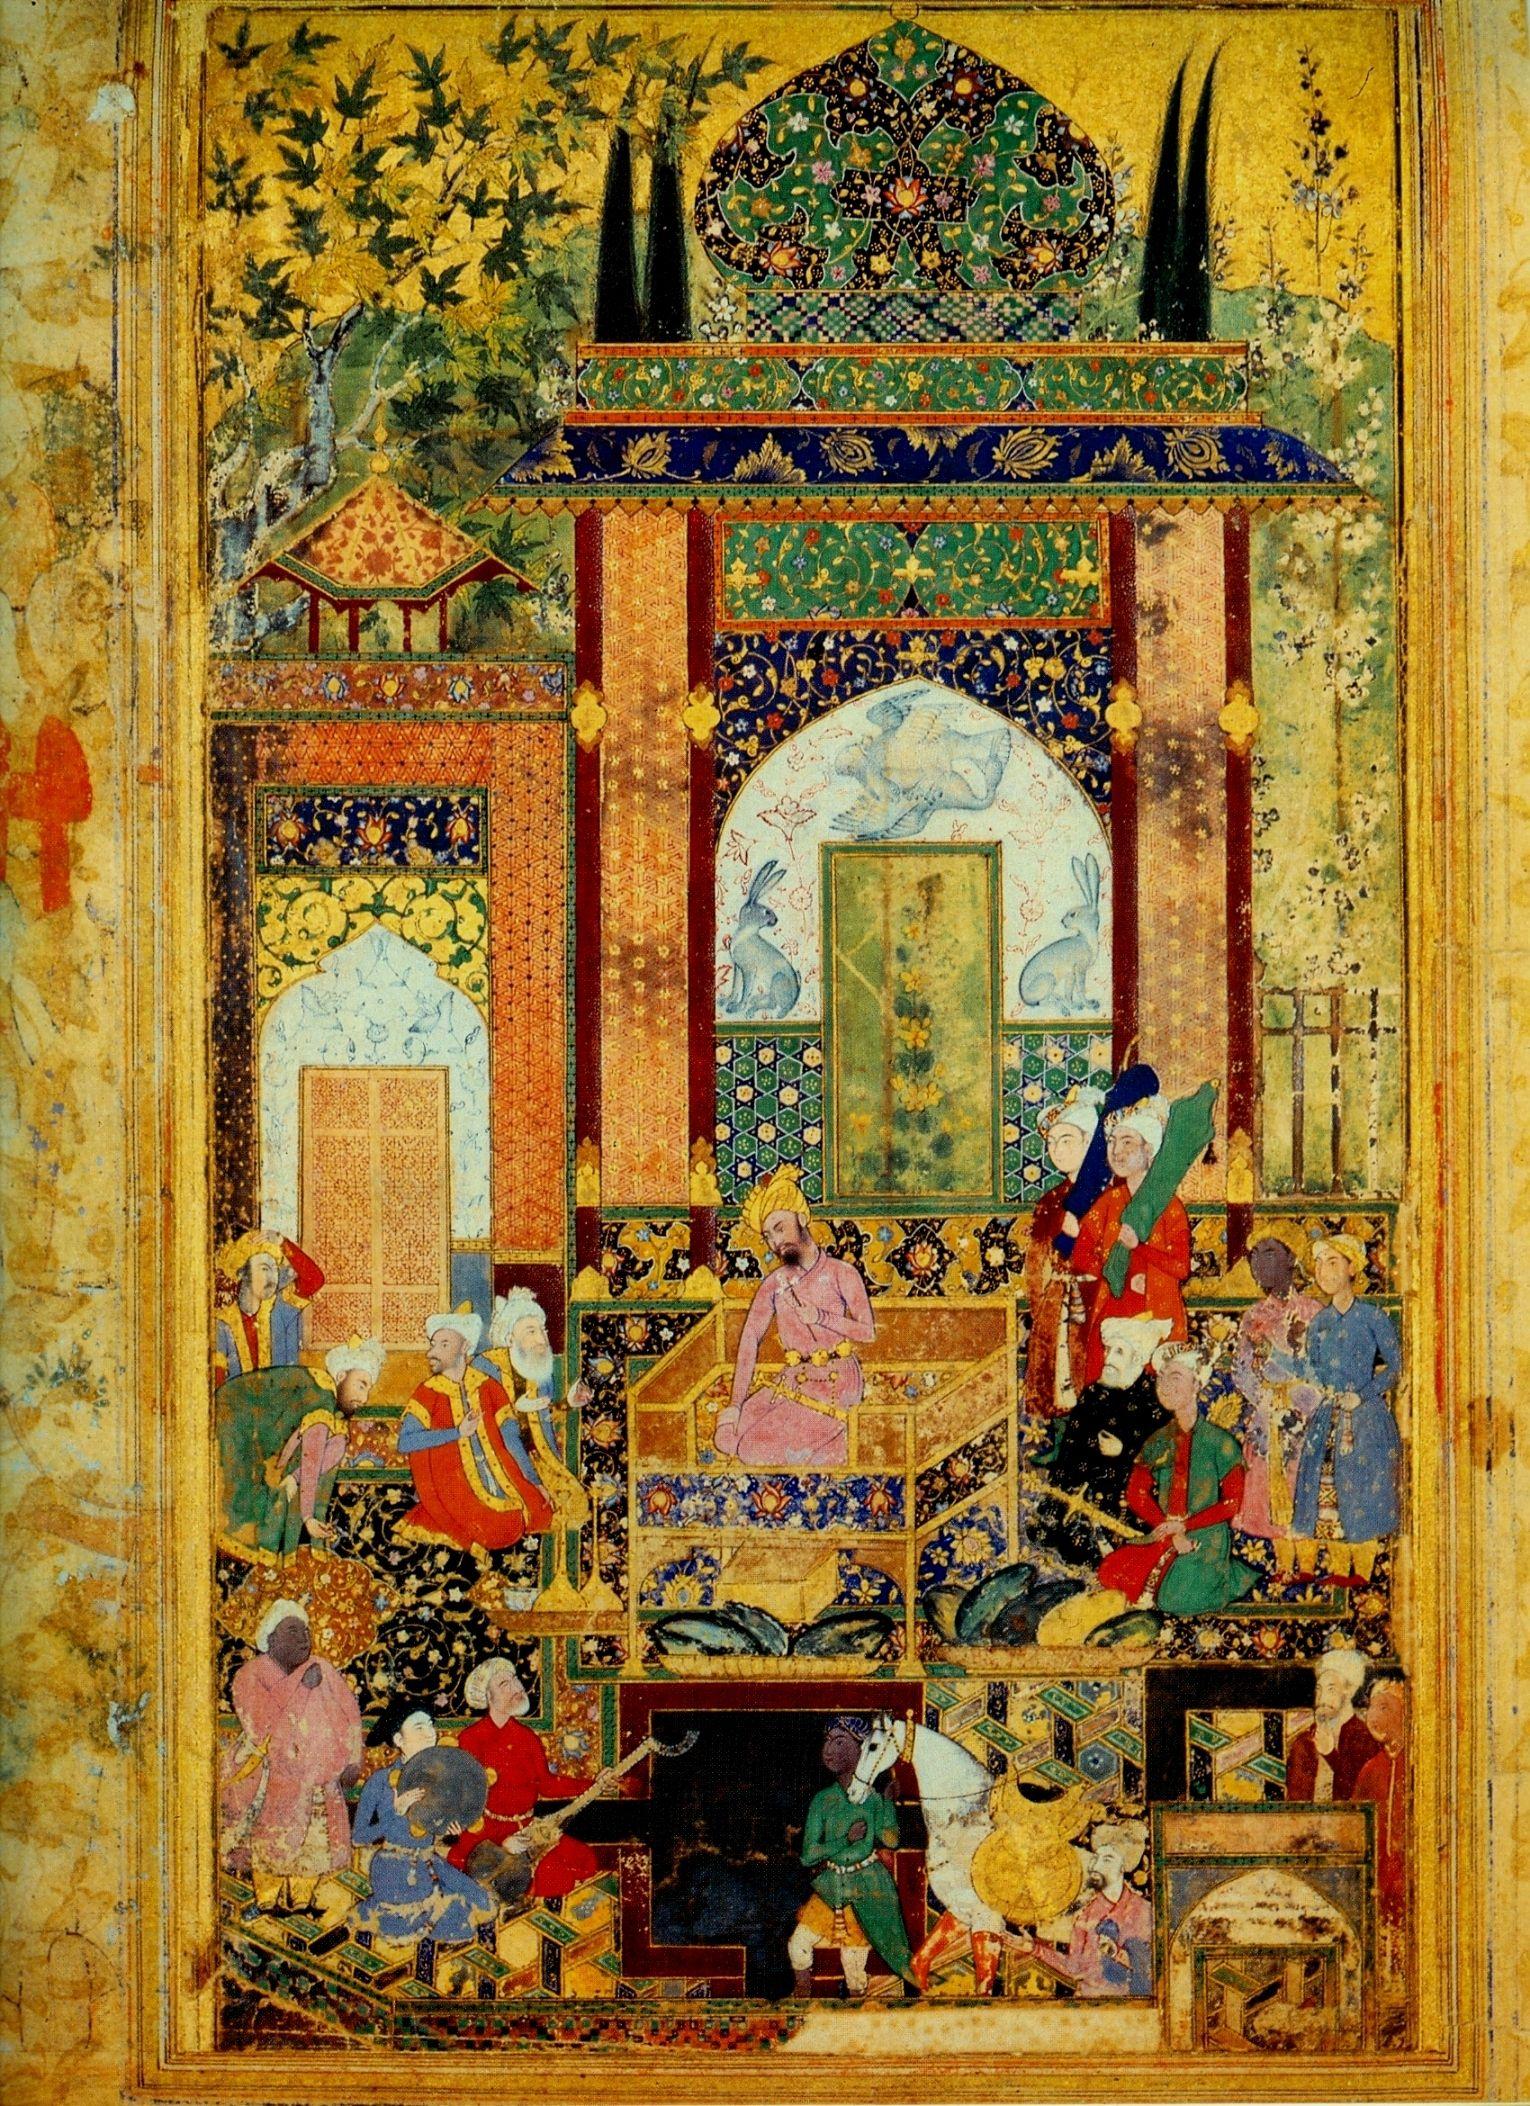 The Mughal Emperor Akbar